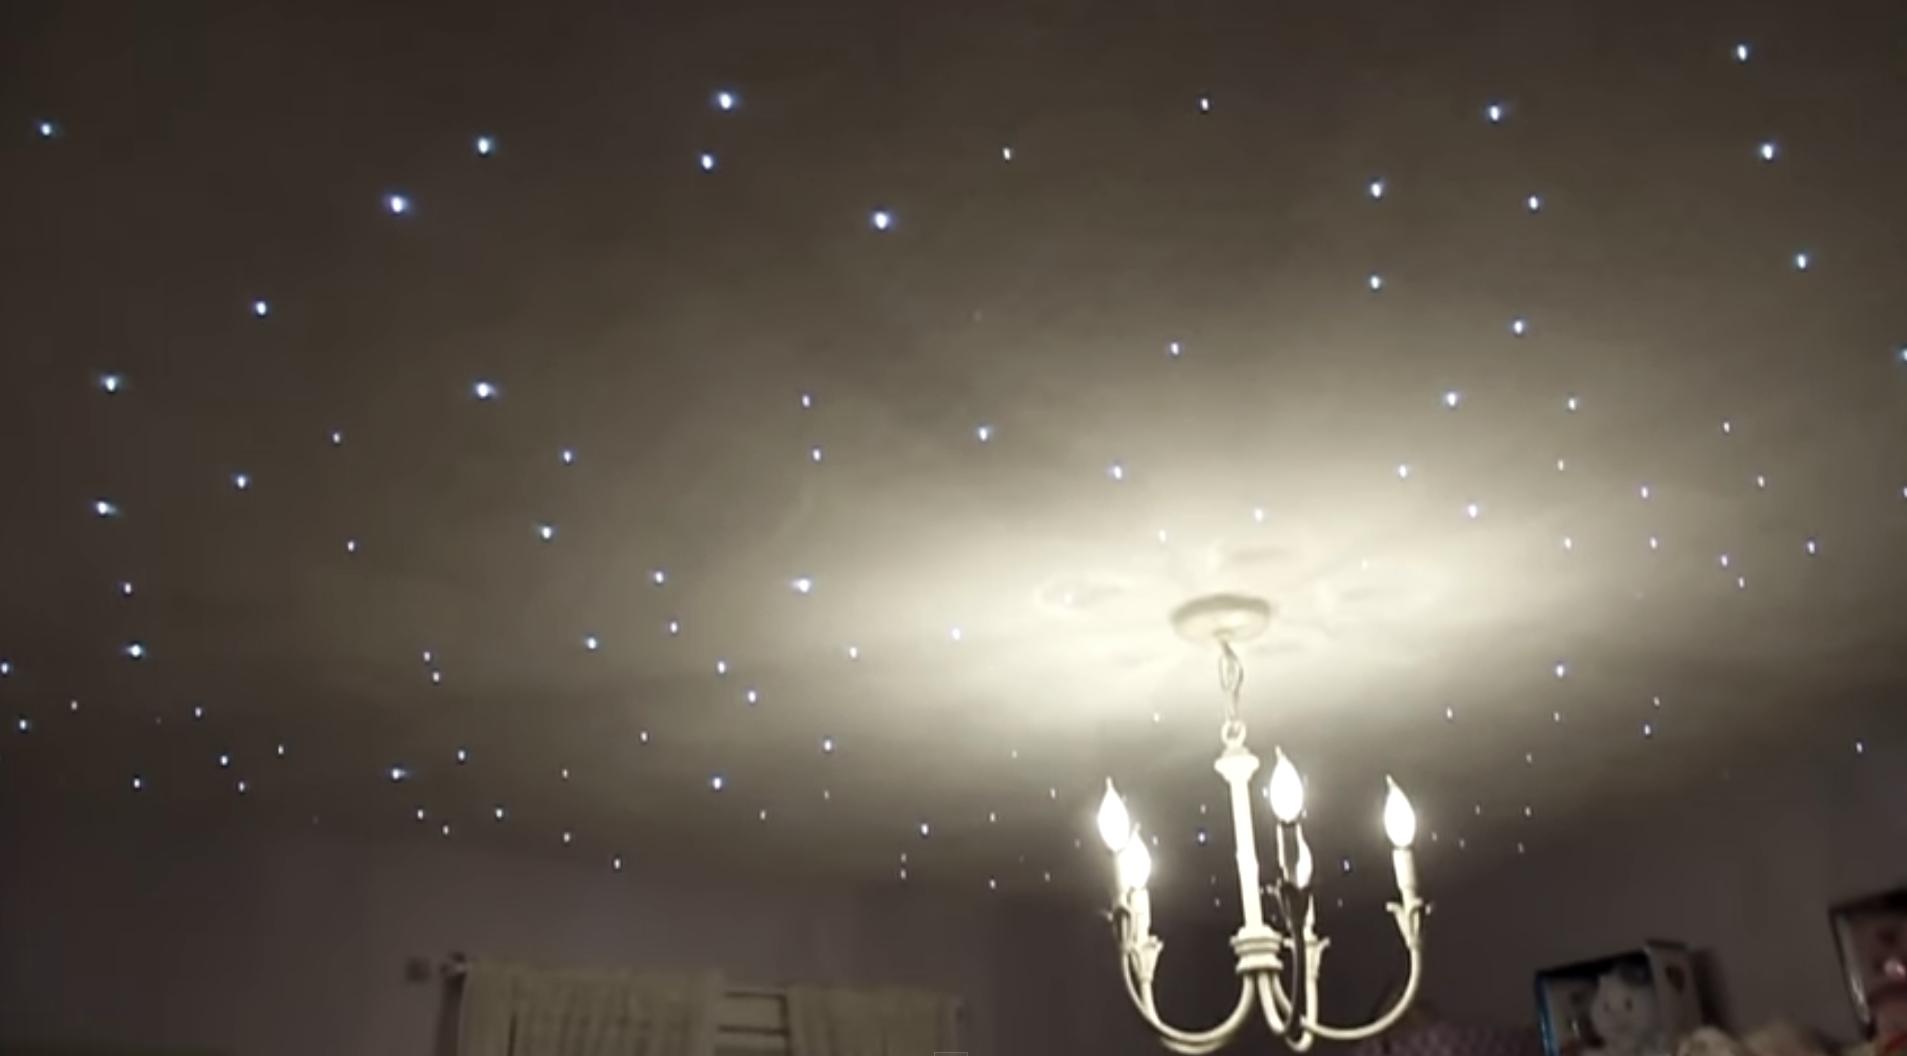 Sterrenhemel Verlichting 250 Led Sterrenhemel maken in uw Plafond